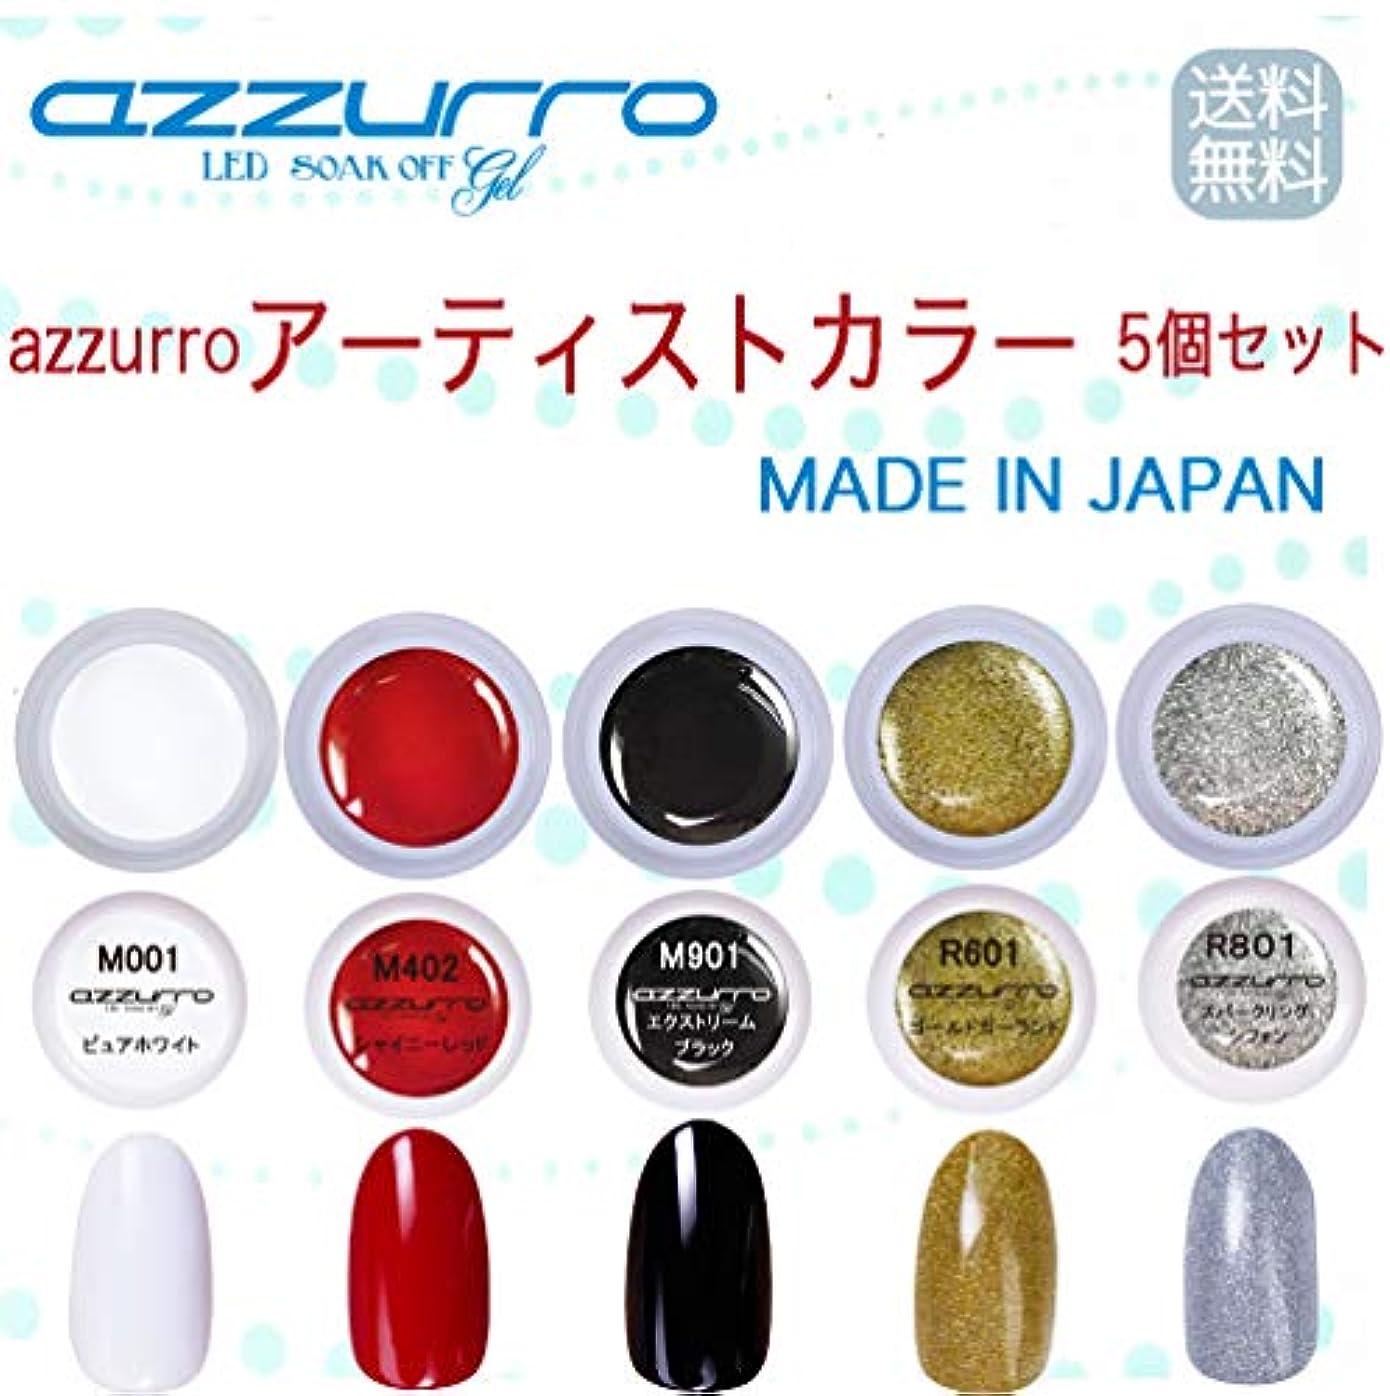 【送料無料】日本製 azzurro gel アーティストカラージェル5個セット トレンドのラインアートにもピッタリなカラー